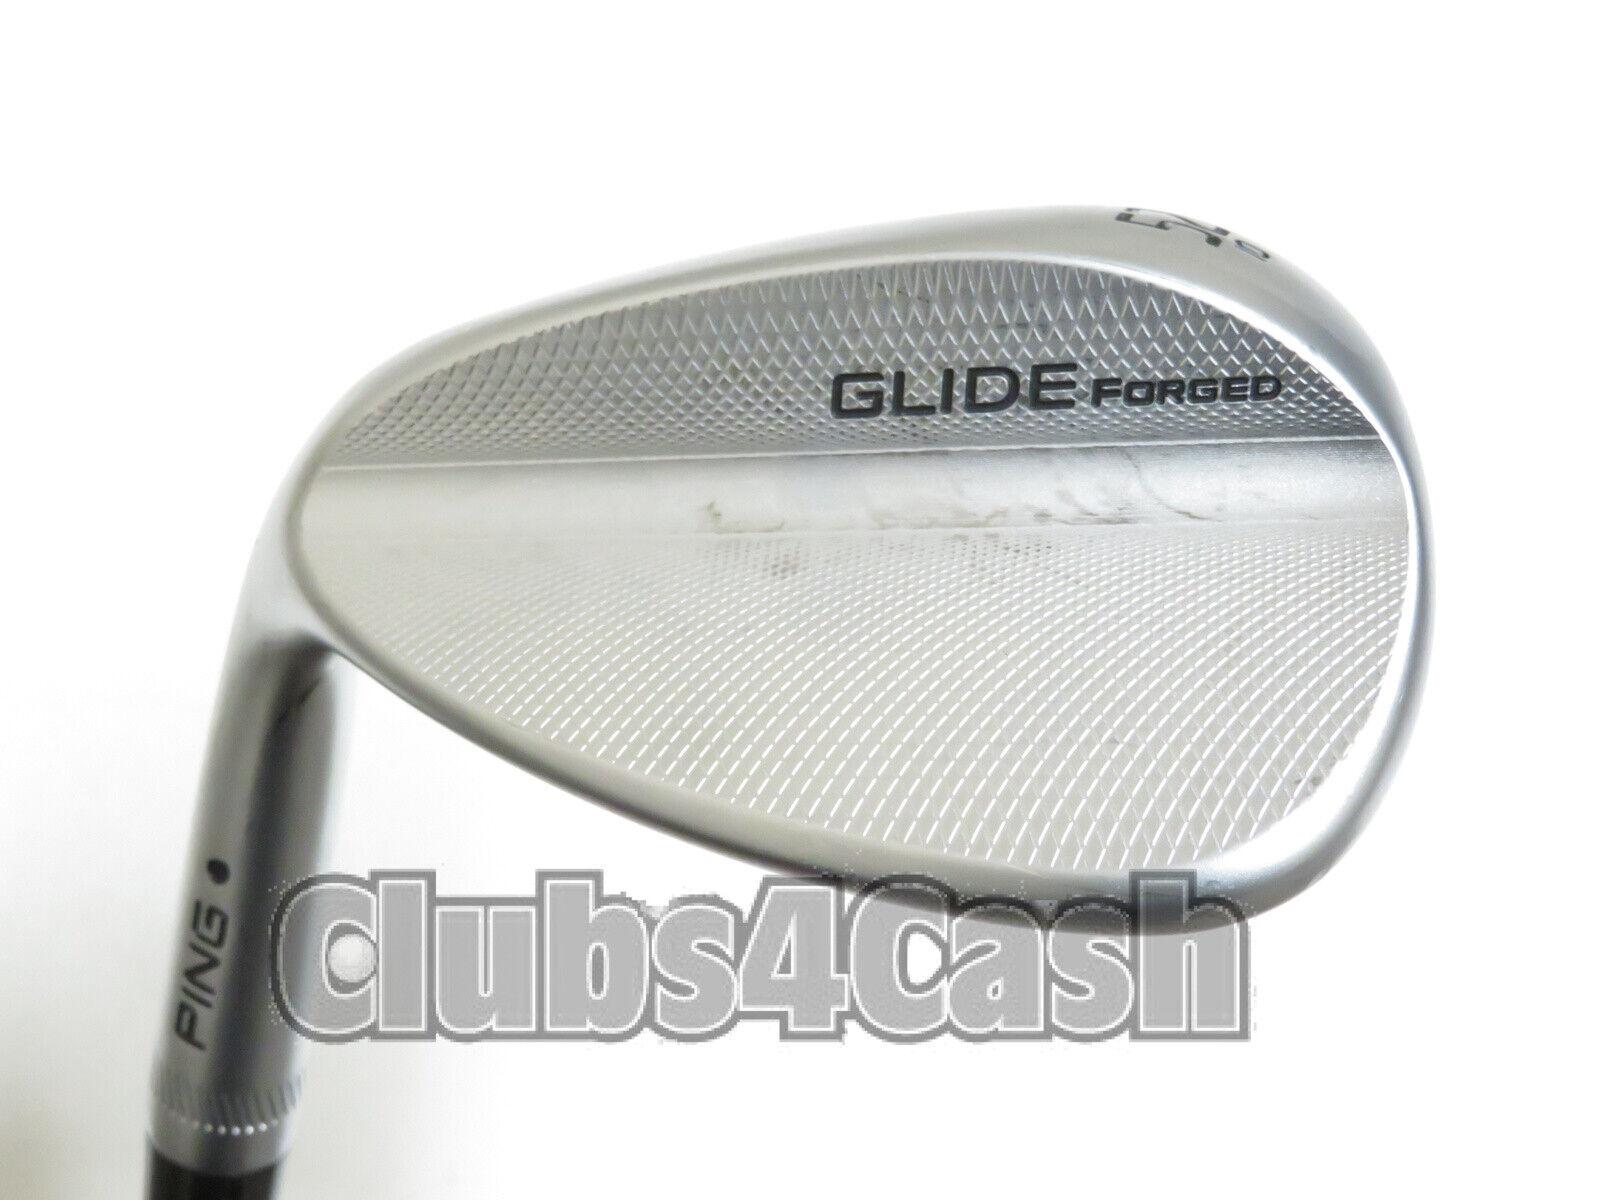 Ping Glide Forjado Cuña Punto Negro oro Dinámico S300 rígido  52.10 Gap 52 ... izquierda  edición limitada